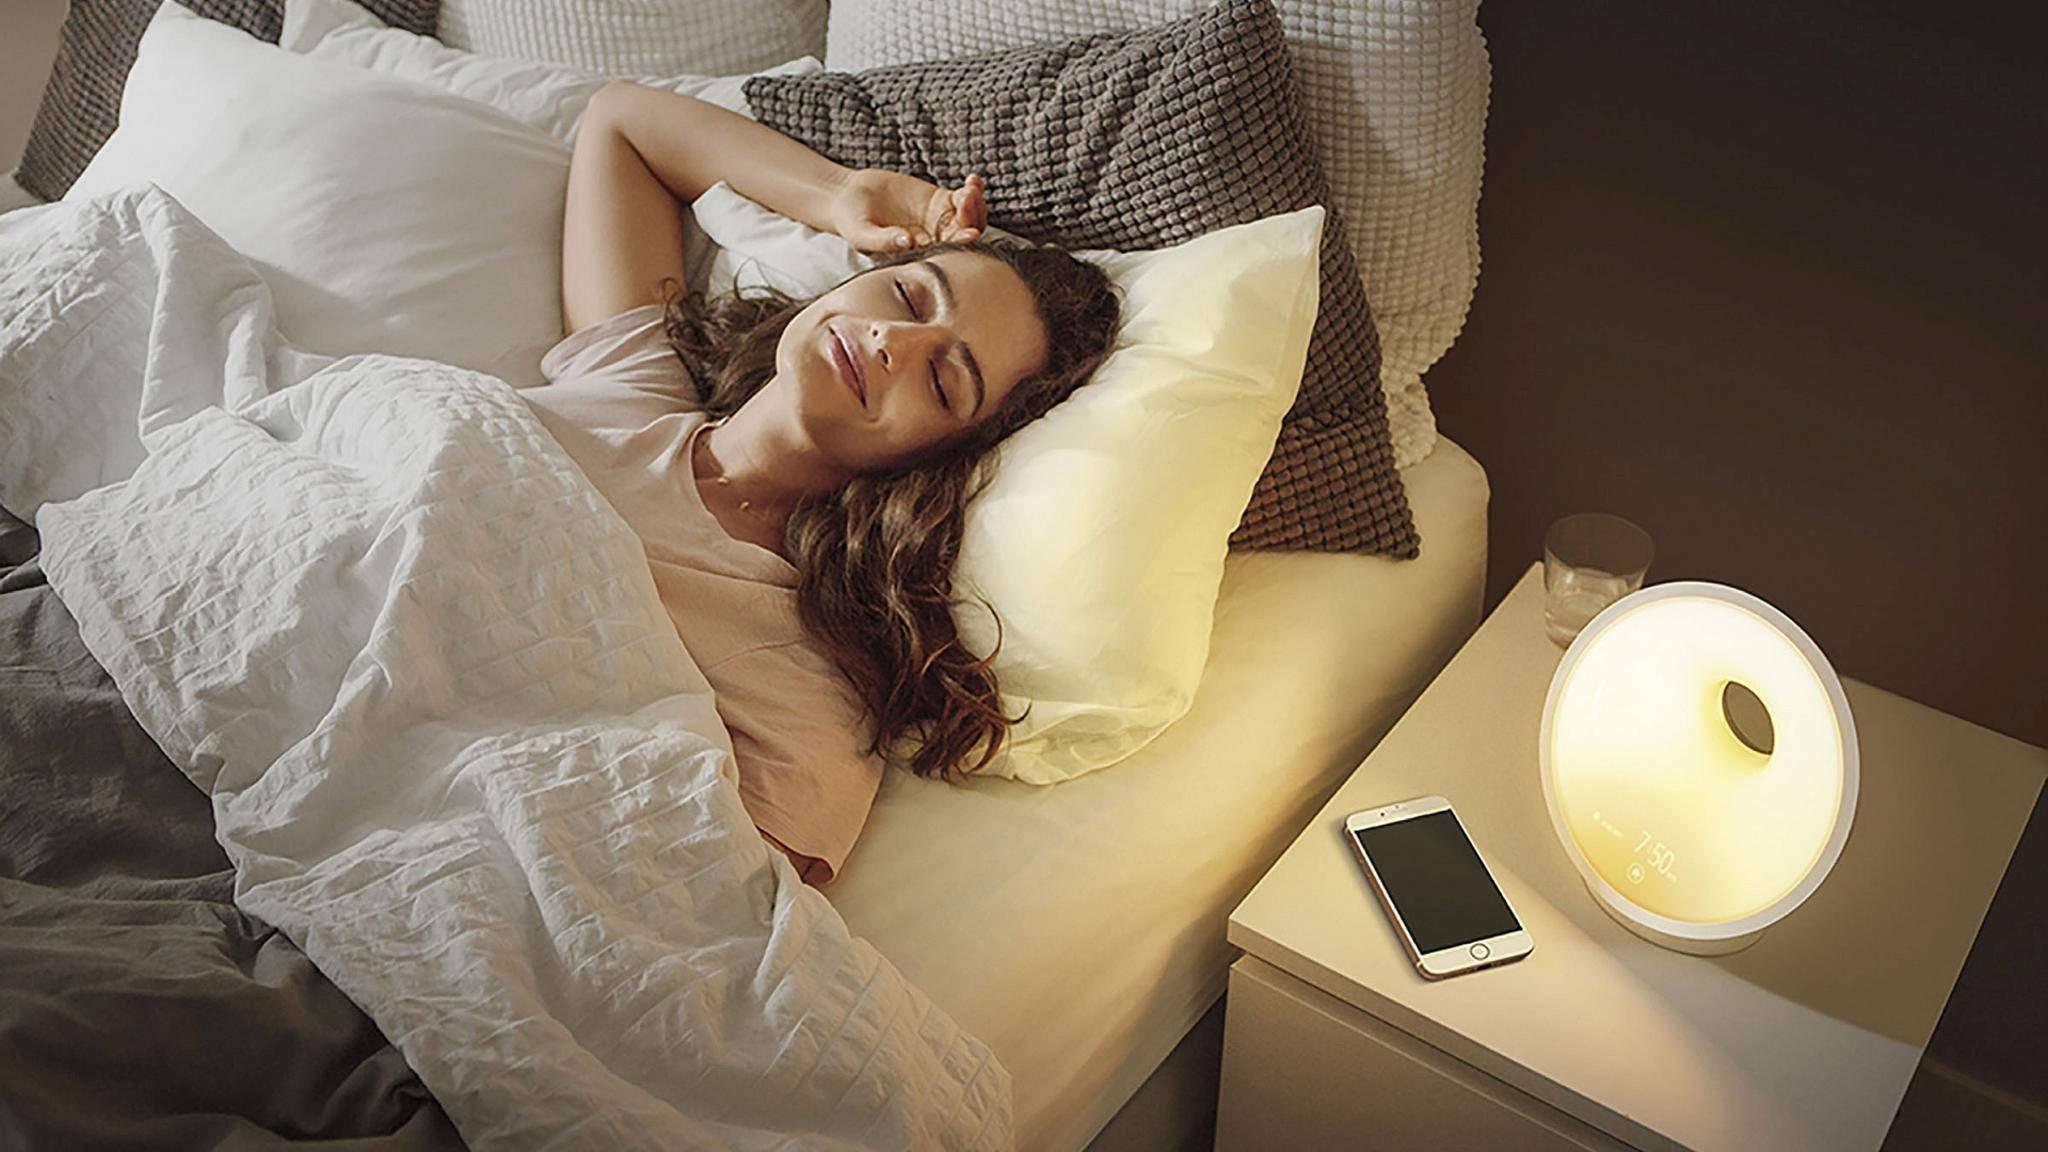 philips-wake-up-light-lifestyle-bett-smartphone